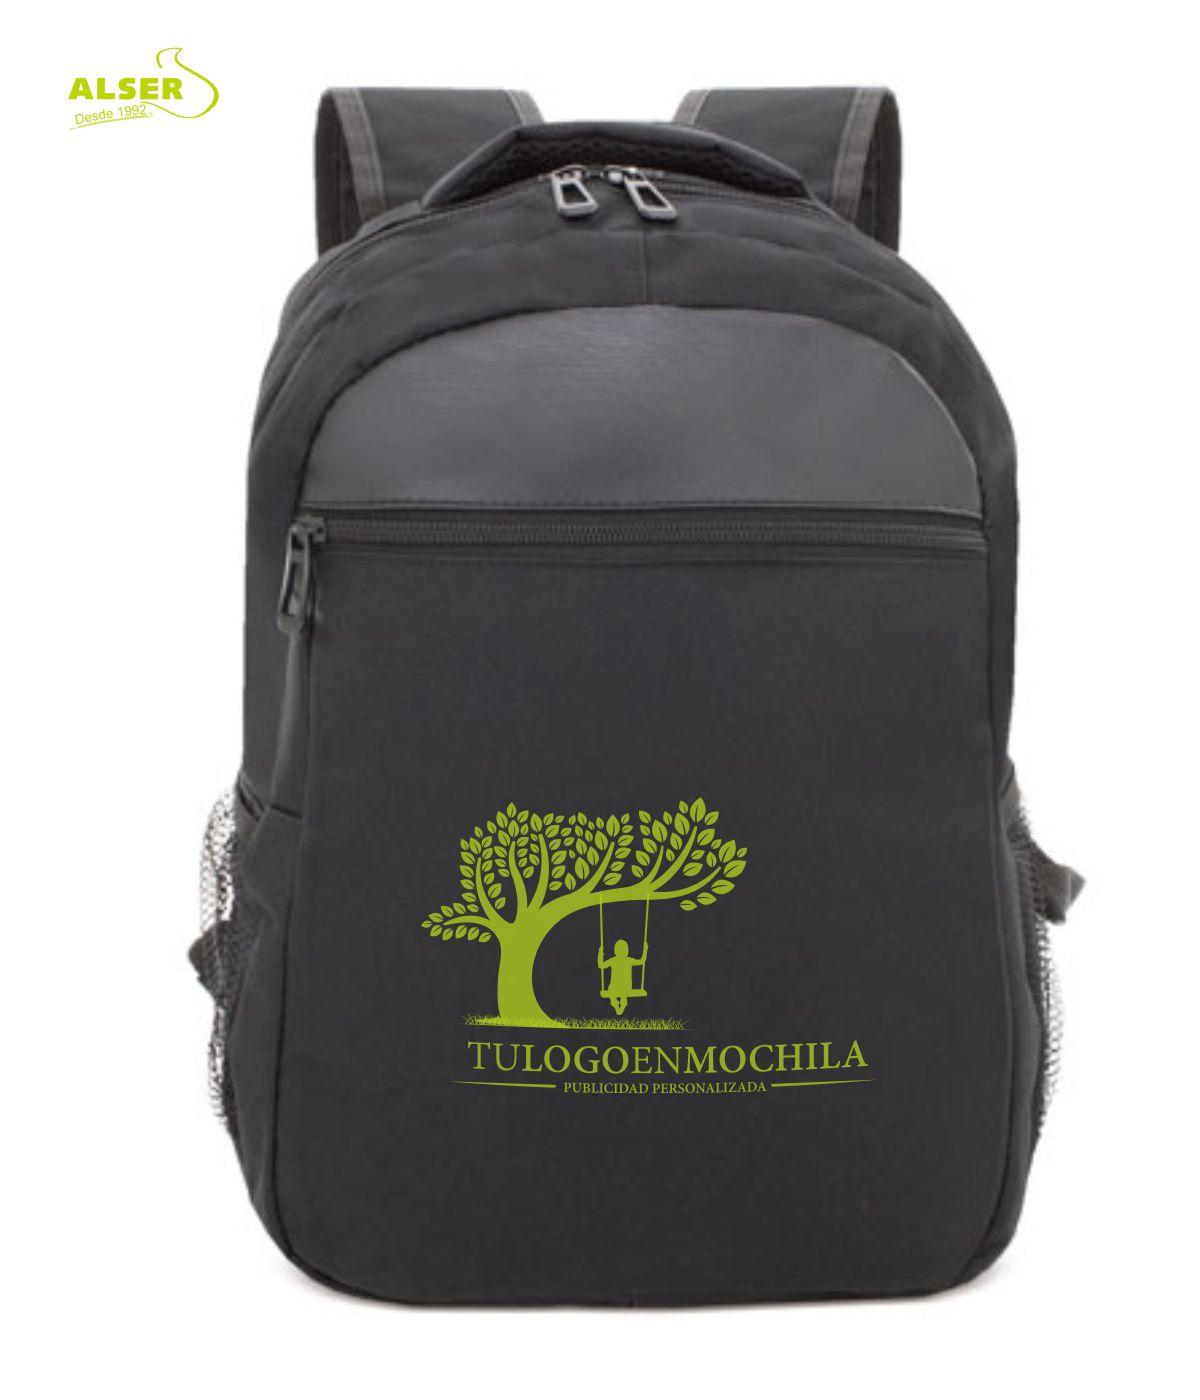 mochila para promocion personalizada con tu logo. Color negro